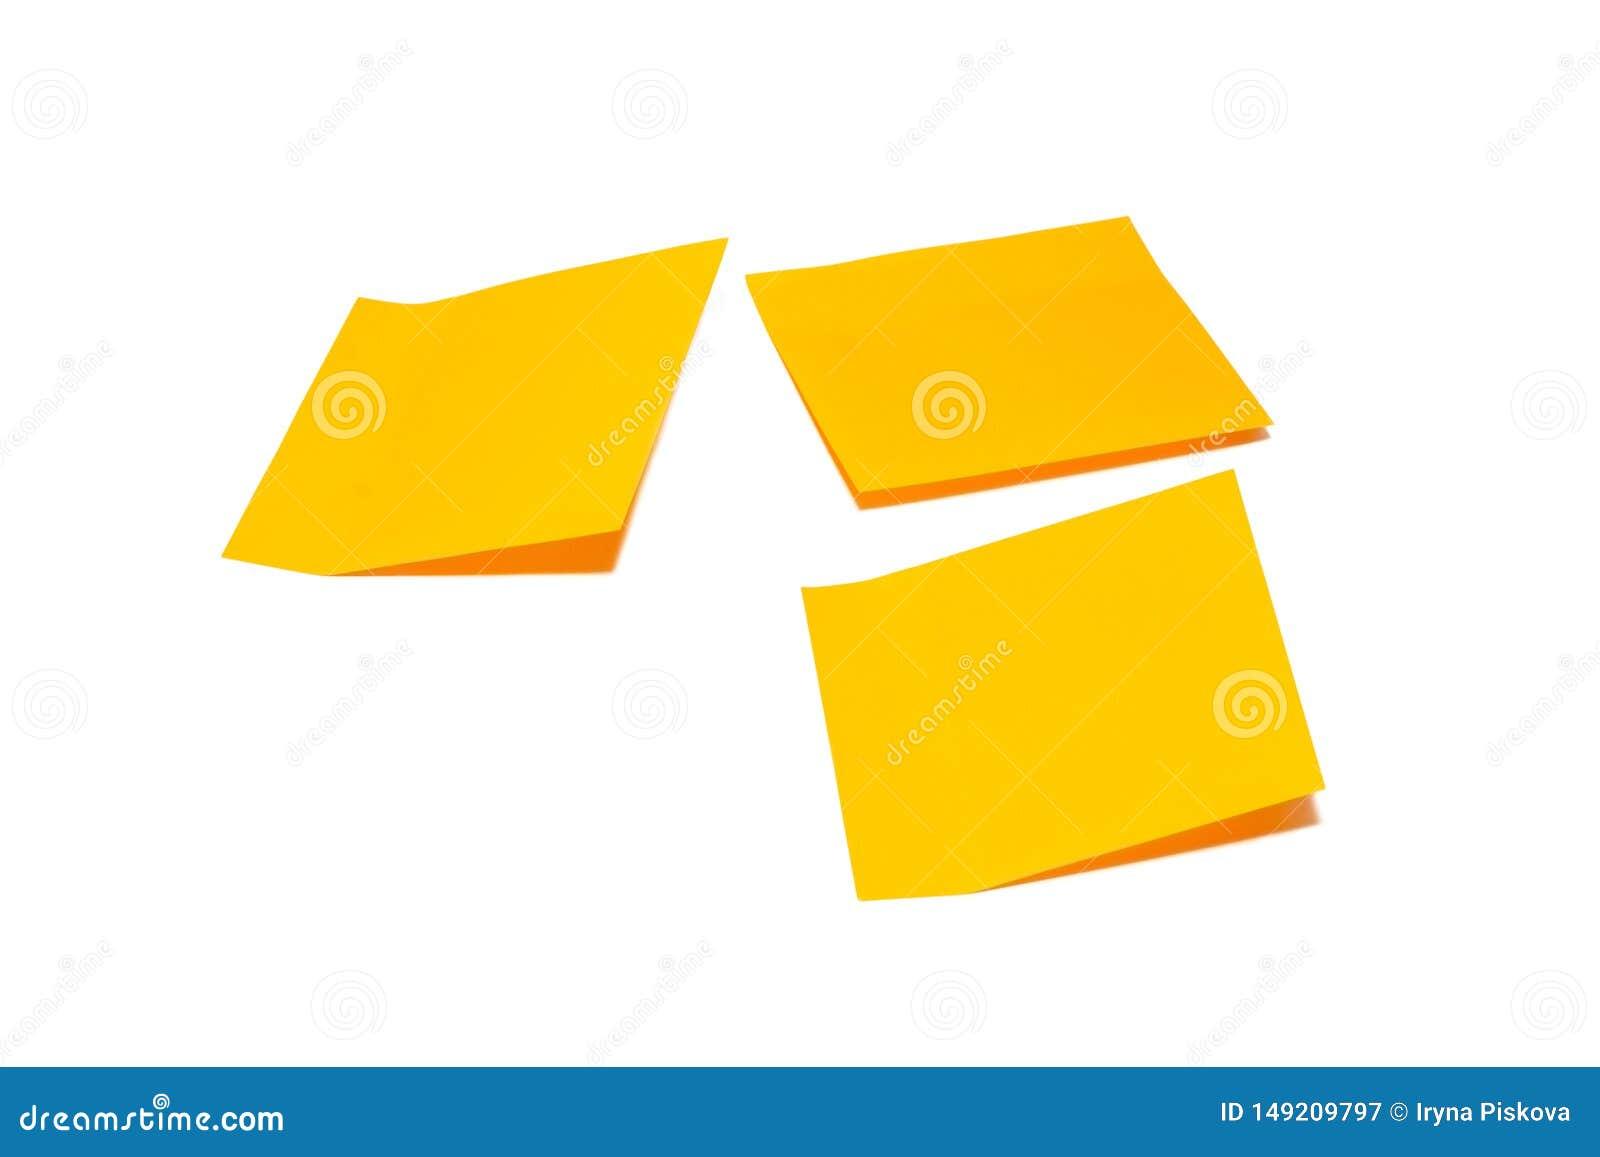 Oranje die stoknota op witte achtergrond wordt ge?soleerd